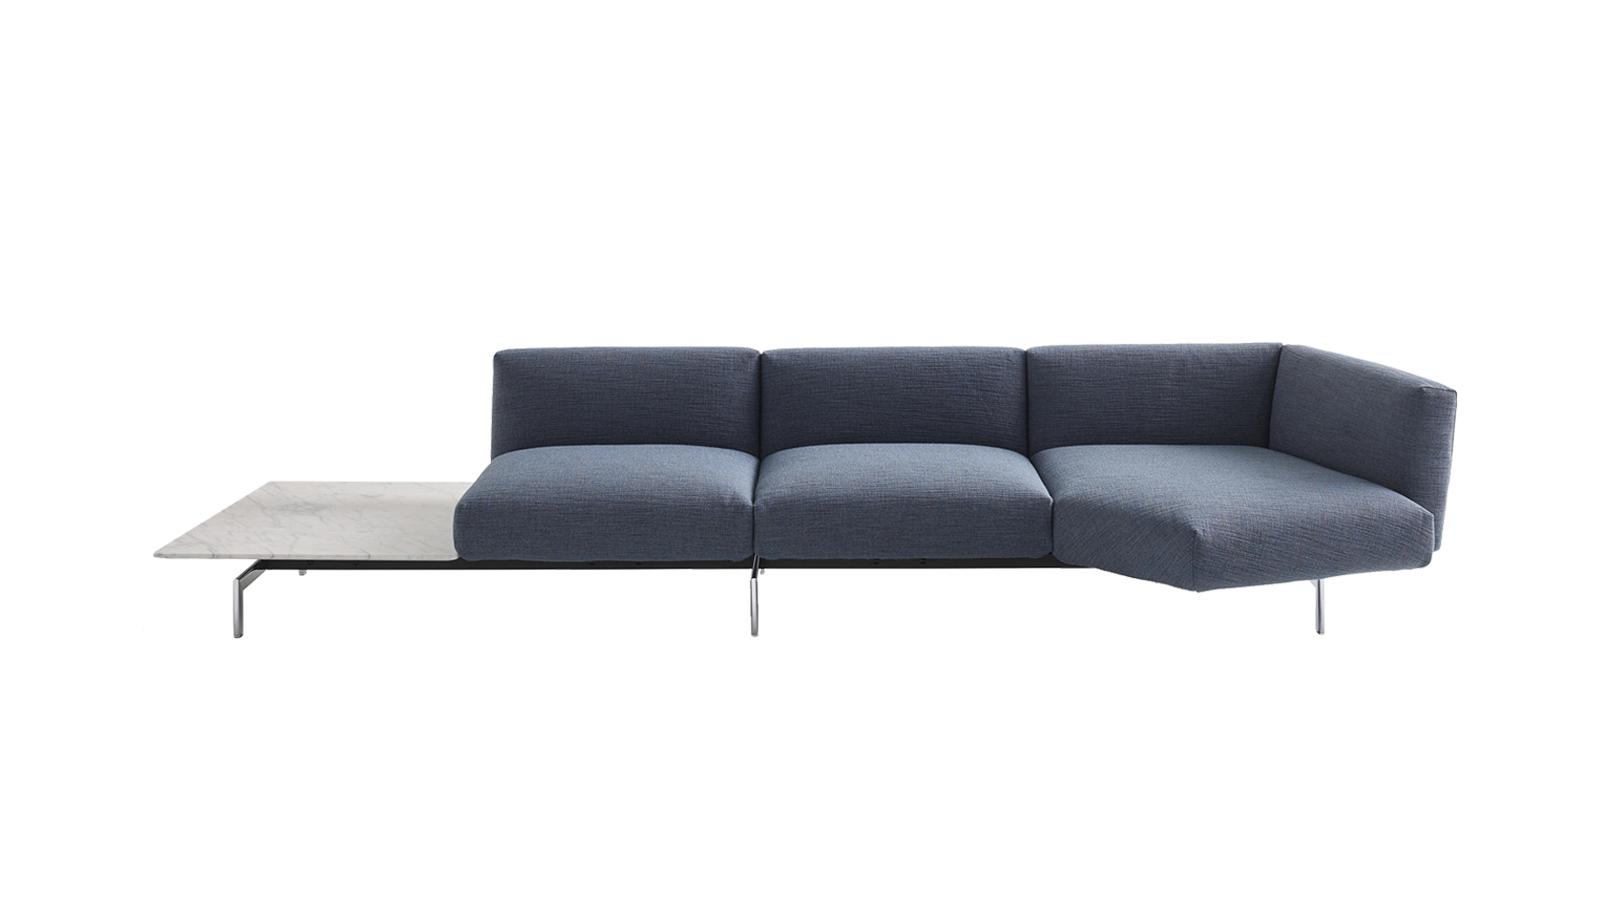 Az Avio, amely Piero Lissoni alkotó fantáziájának szüleménye, modern és sokoldalúan variálható kanapérendszer. Szinte bármilyen típusú tér újraértelmezhető általa, és a legoptimálisabb helykihasználást kínálja. Azok számára különösen ideális, akik nagyra értékelik a stabil, de elegáns designt, mely egyúttal utat nyit a kényelmes és nyugodt életmód felé.